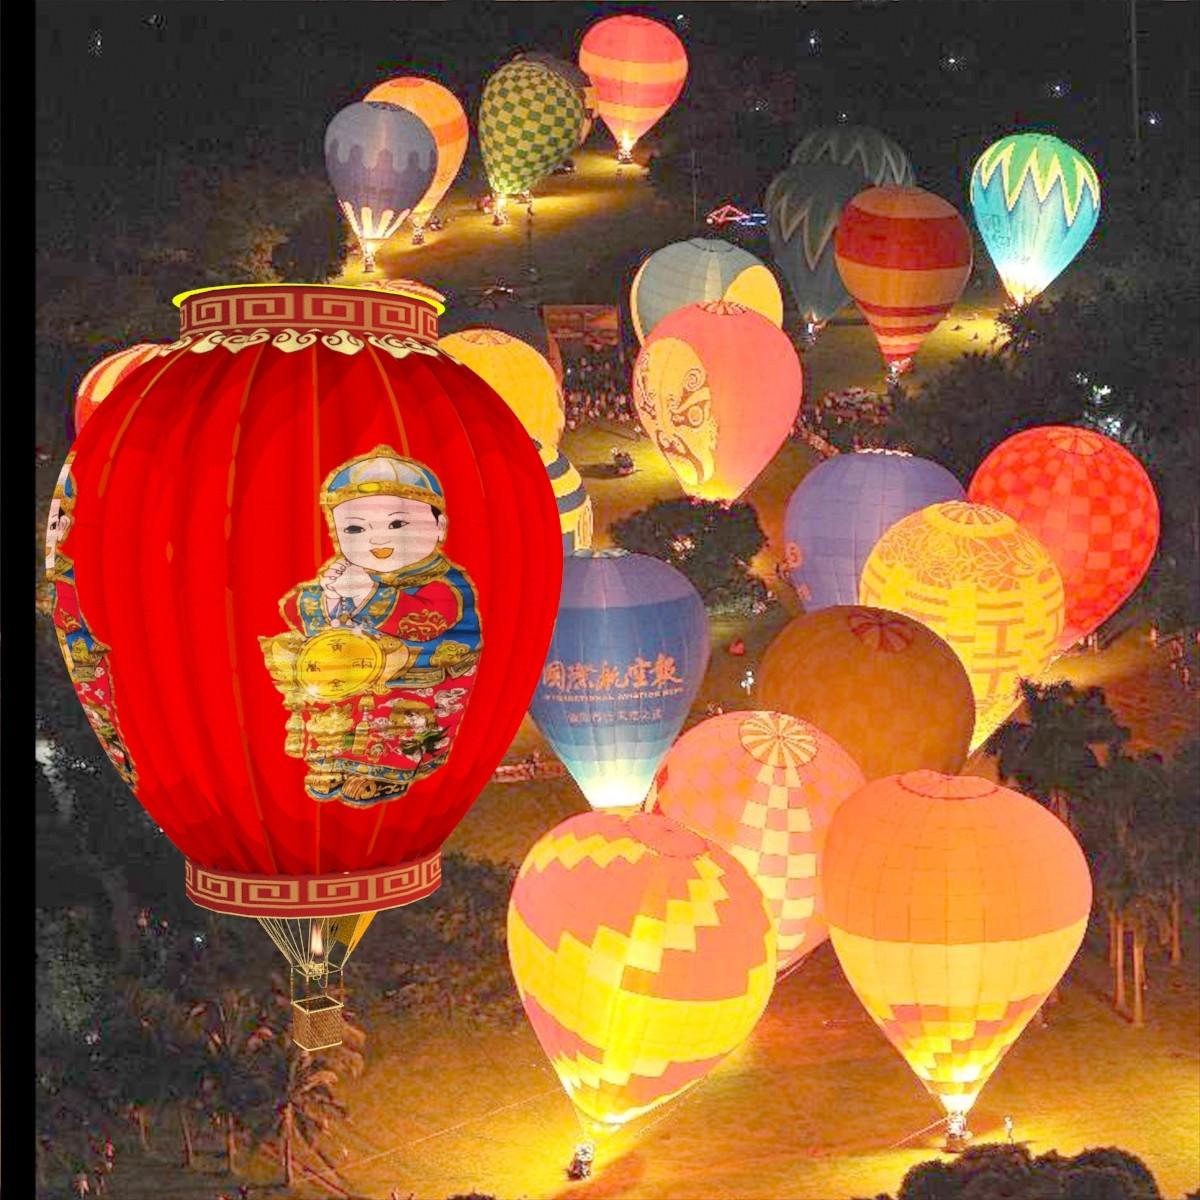 chinese_red_lantern_hot_air_balloon_fire_B4.jpg